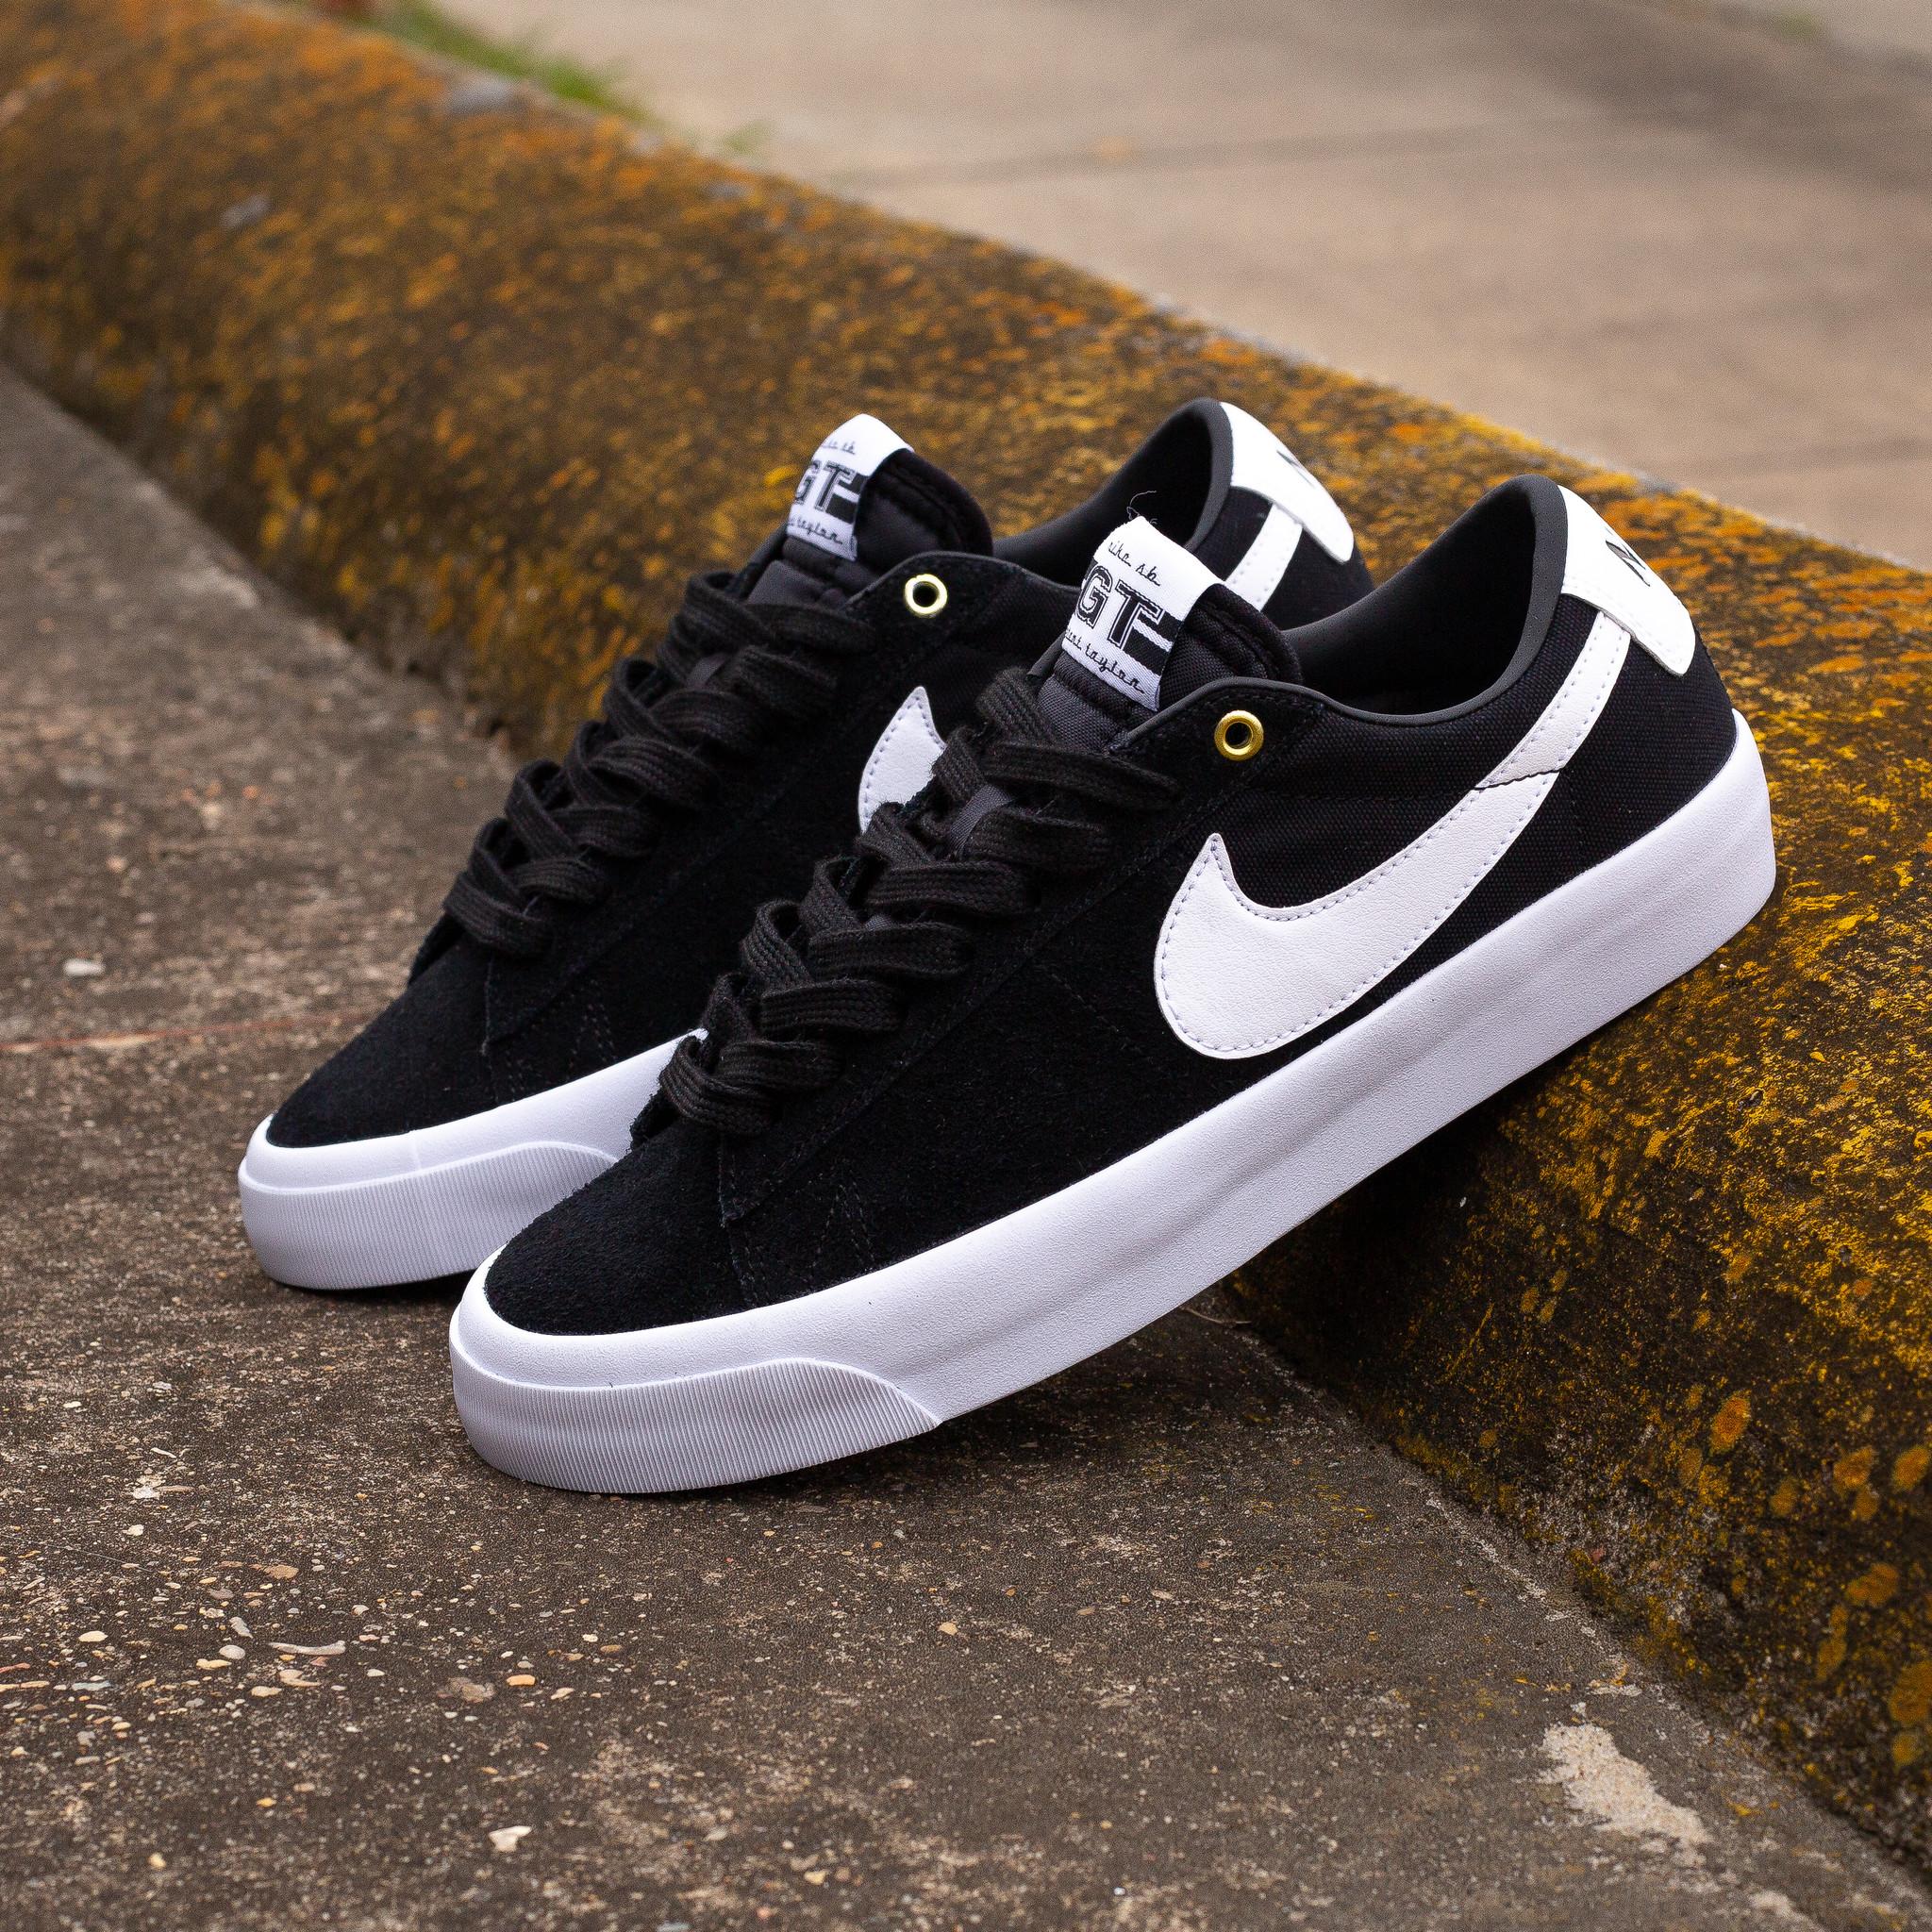 Nike SB Blazer Low GT Black/White